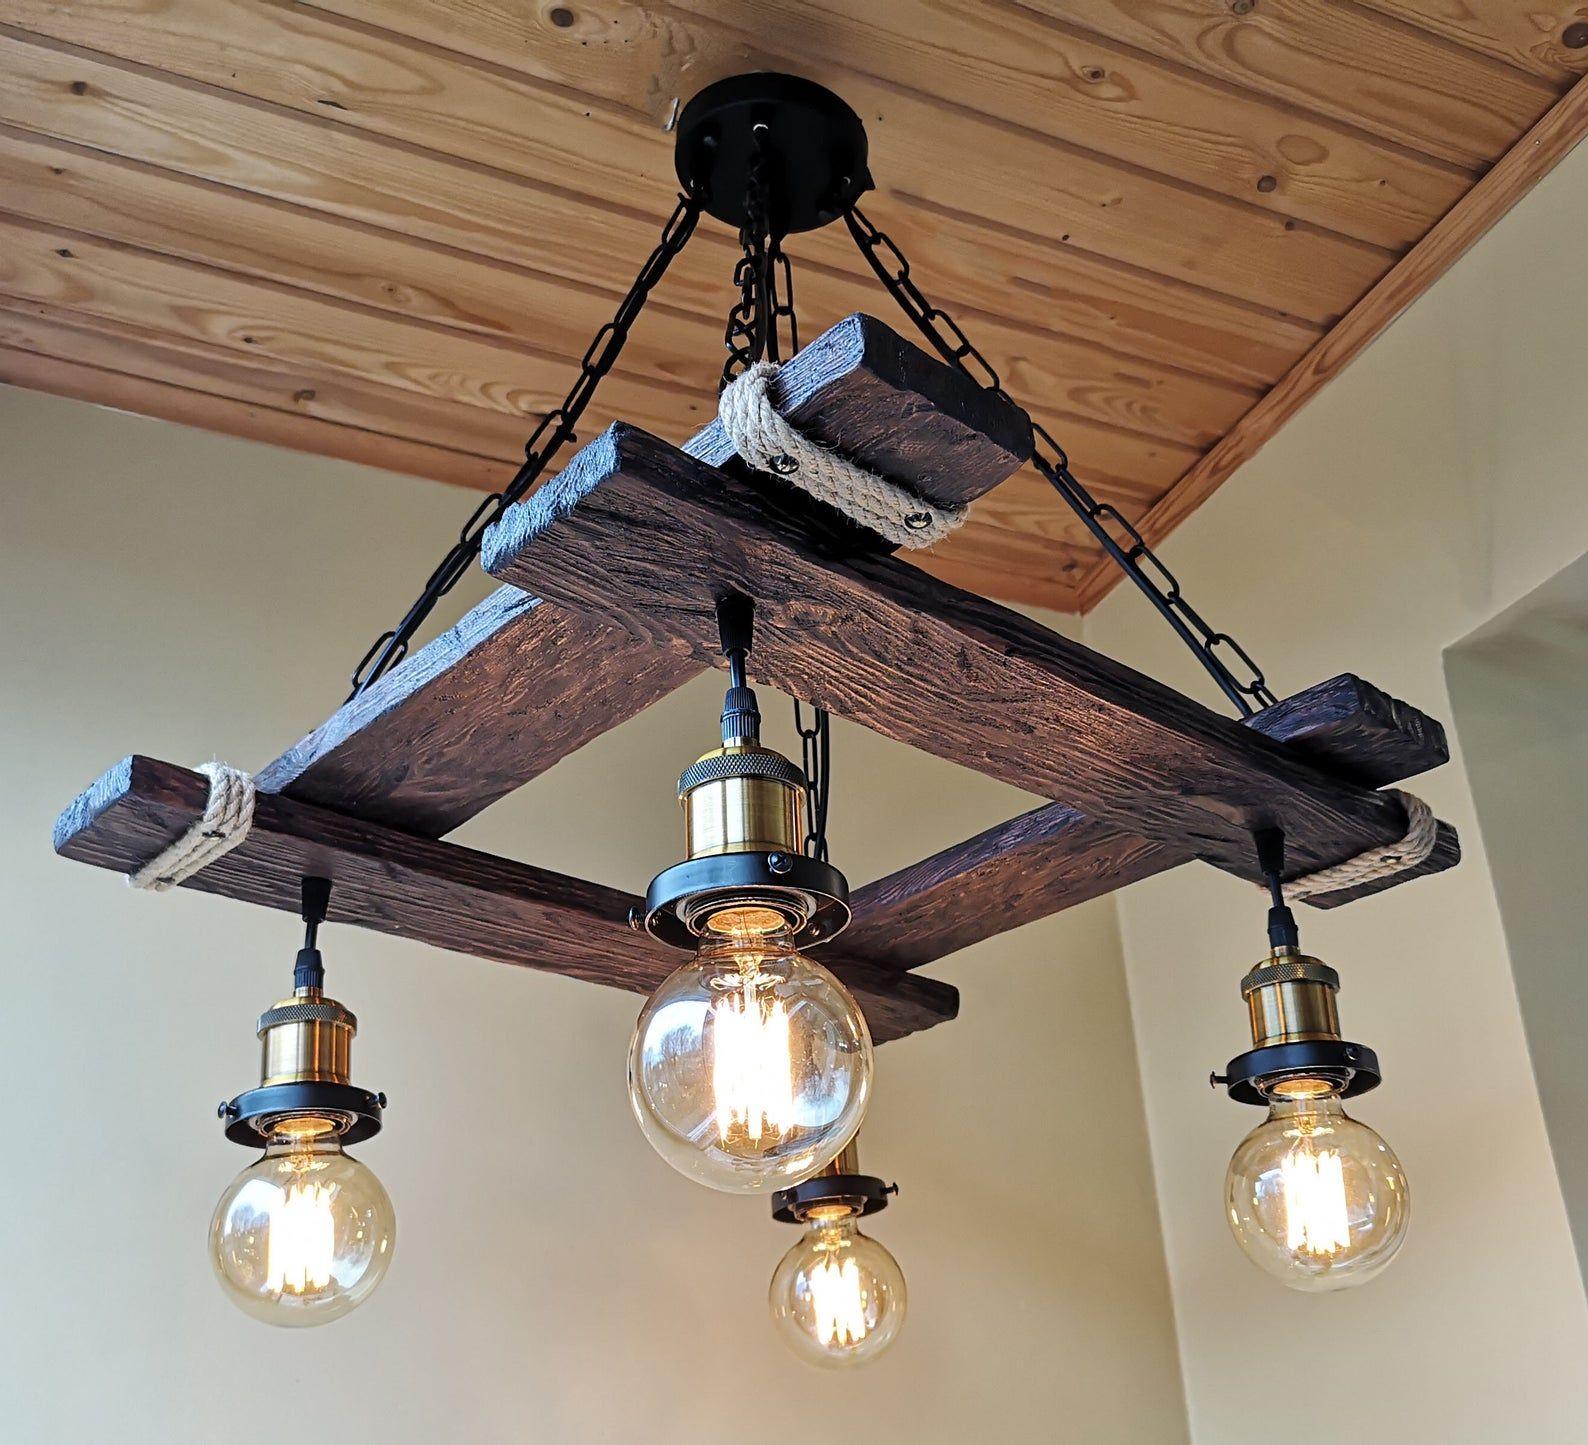 Rustic Light Fixture Hanging Light Rustic Lighting Industrial Pendant Light Wood Chandelier Rustic Light Farmhouse Light Dining In 2021 Rustic Light Fixtures Wood Chandelier Rustic Rustic Lighting